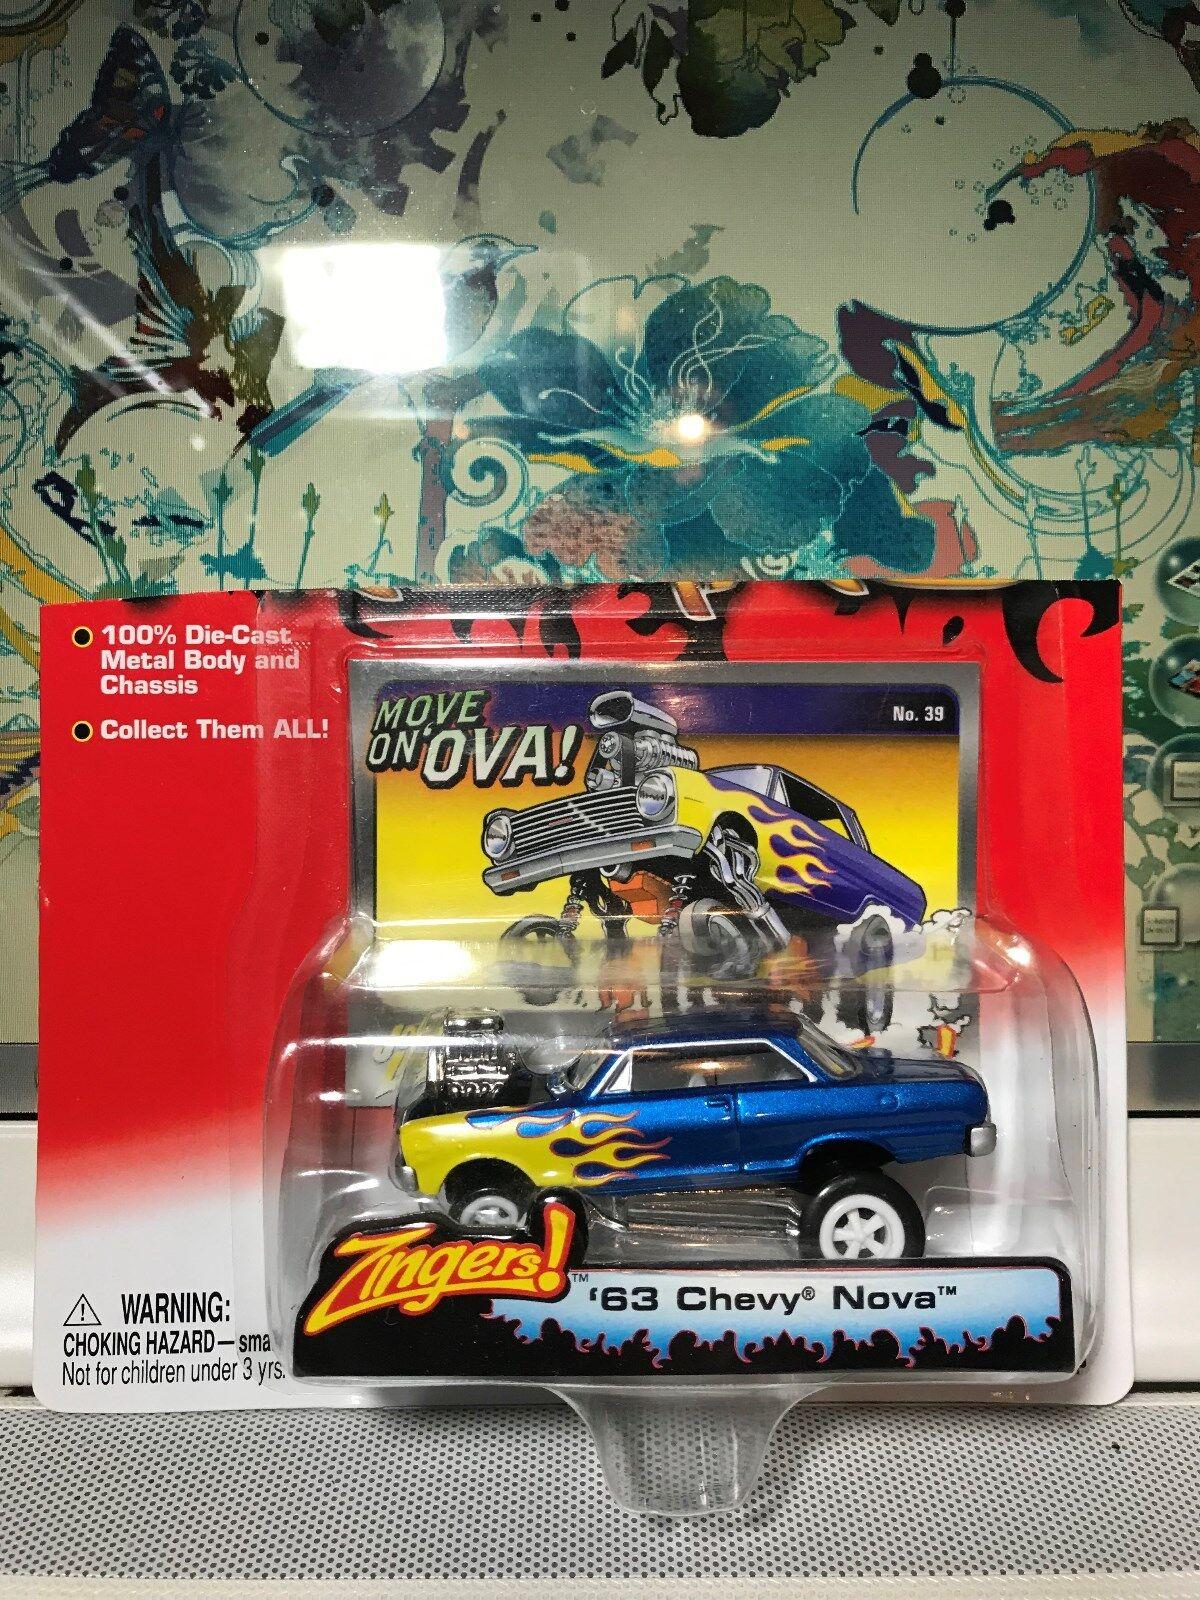 nelle promozioni dello stadio Johnny bianca Lightninig  63 Chevy Nova    Zinger   a buon mercato